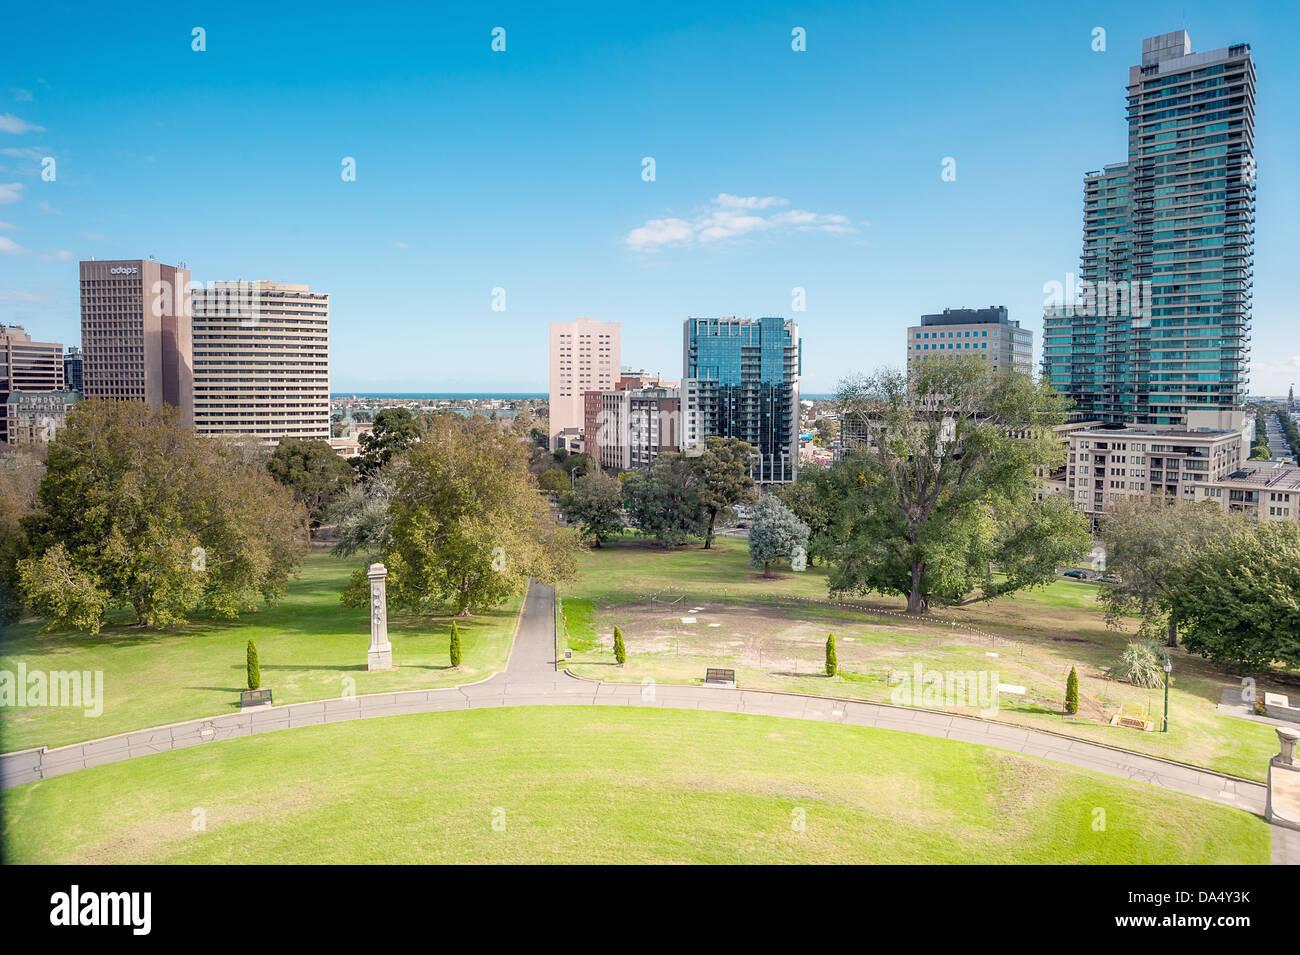 Le centre-ville de l'Albert Park, Melbourne et de Port Philip Bay dans la distance de Kings Domain. Banque D'Images